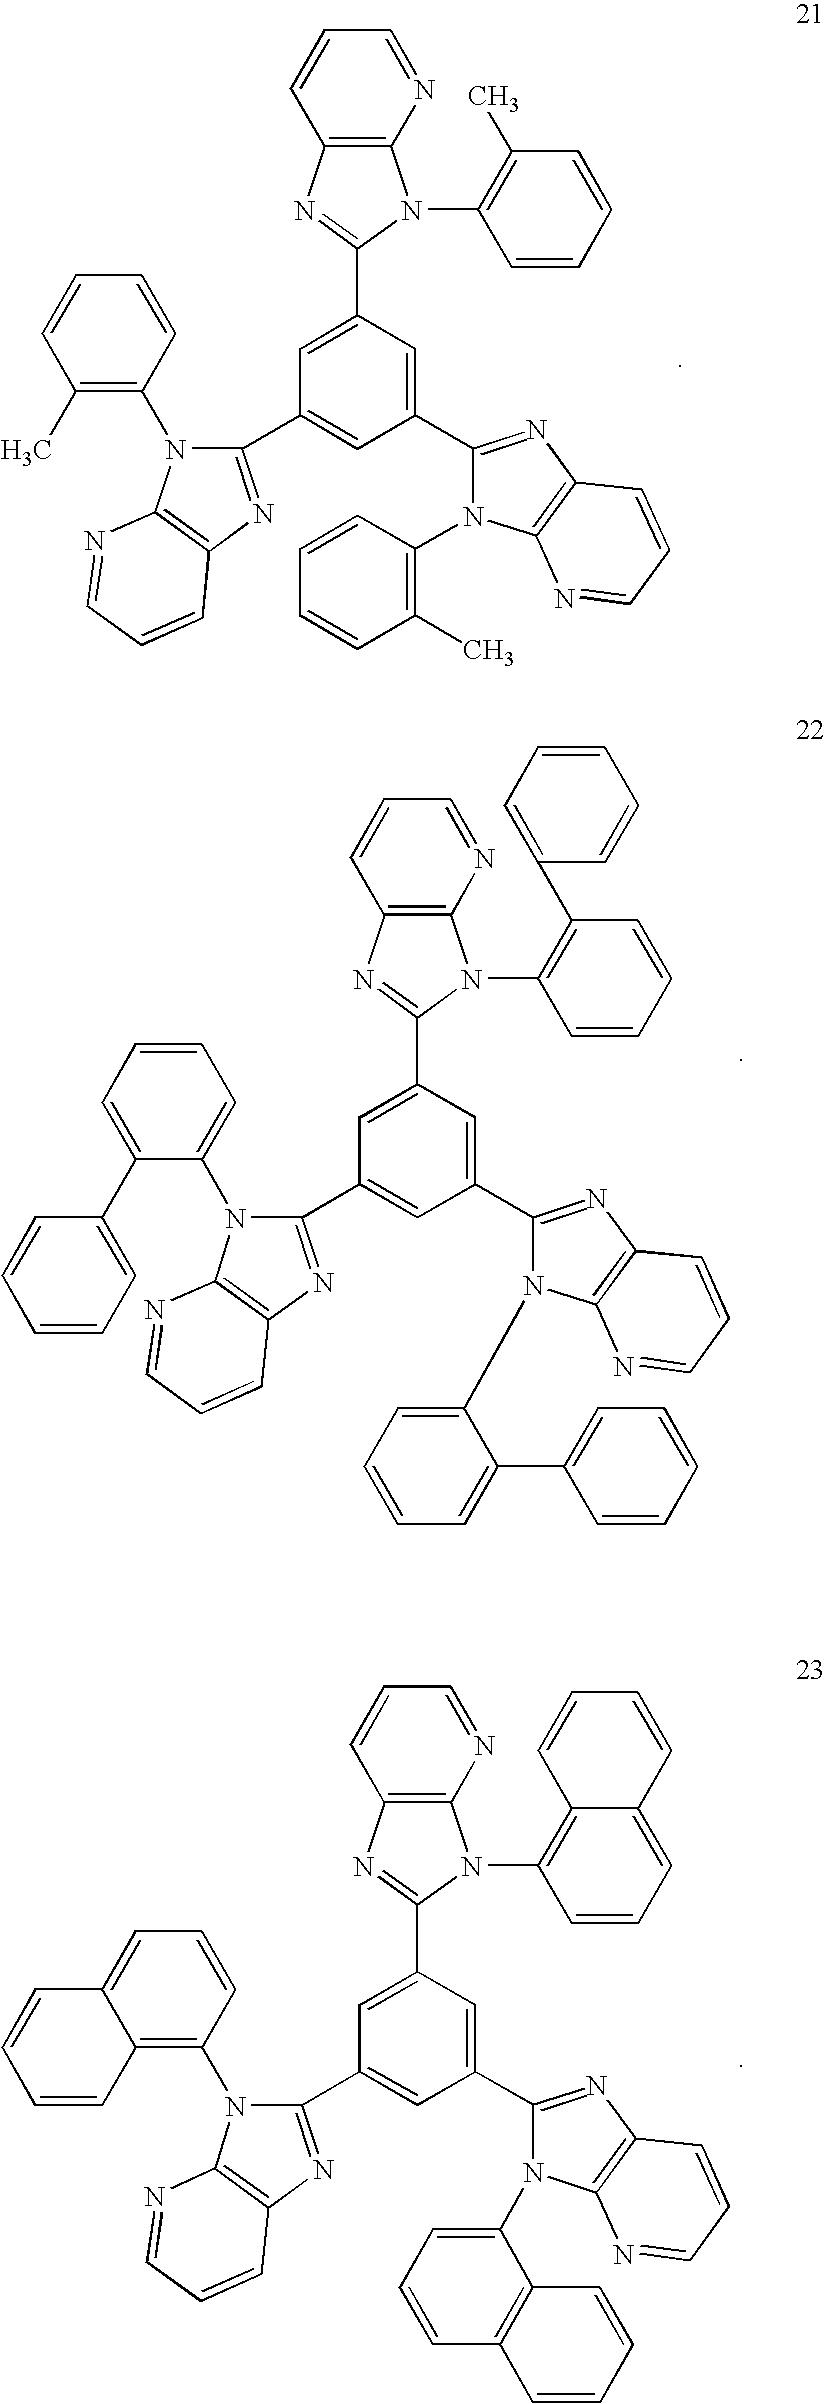 Figure US07683365-20100323-C00009